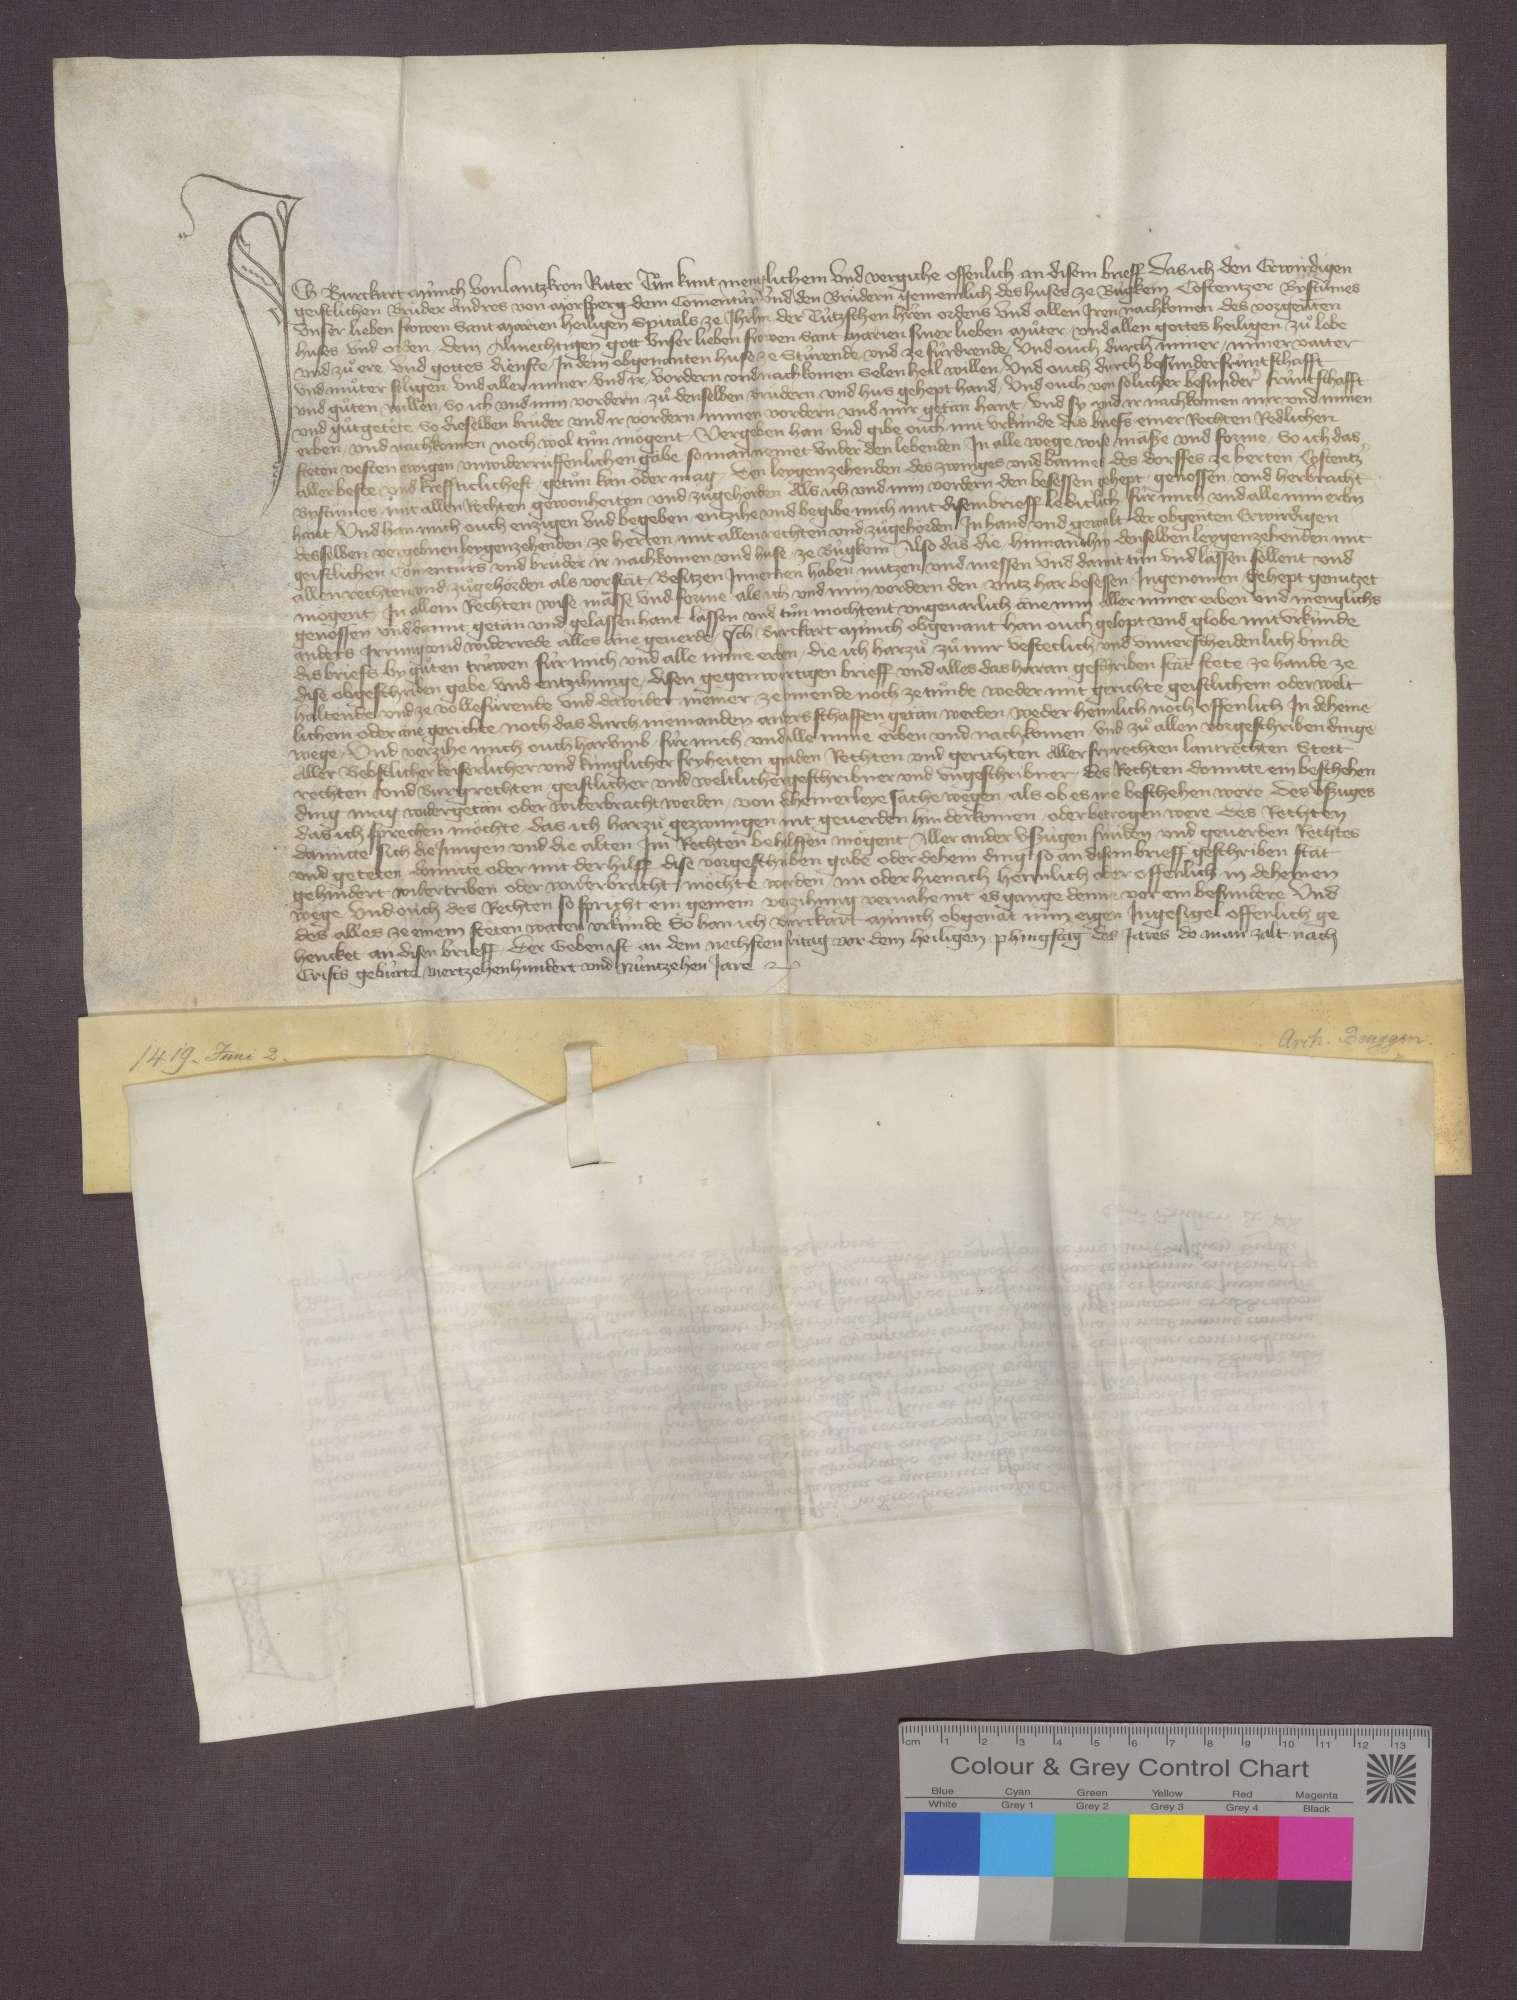 Der Offizial des Basler Hofgerichts bekundet, dass vor ihm der Ritter Burkhard Münch von Landskron die Schenkung des Laienzehnten zu Herten nach Laut der Urkunde vom 2. Juni 1419 öffentlich erklärt hat., Bild 1